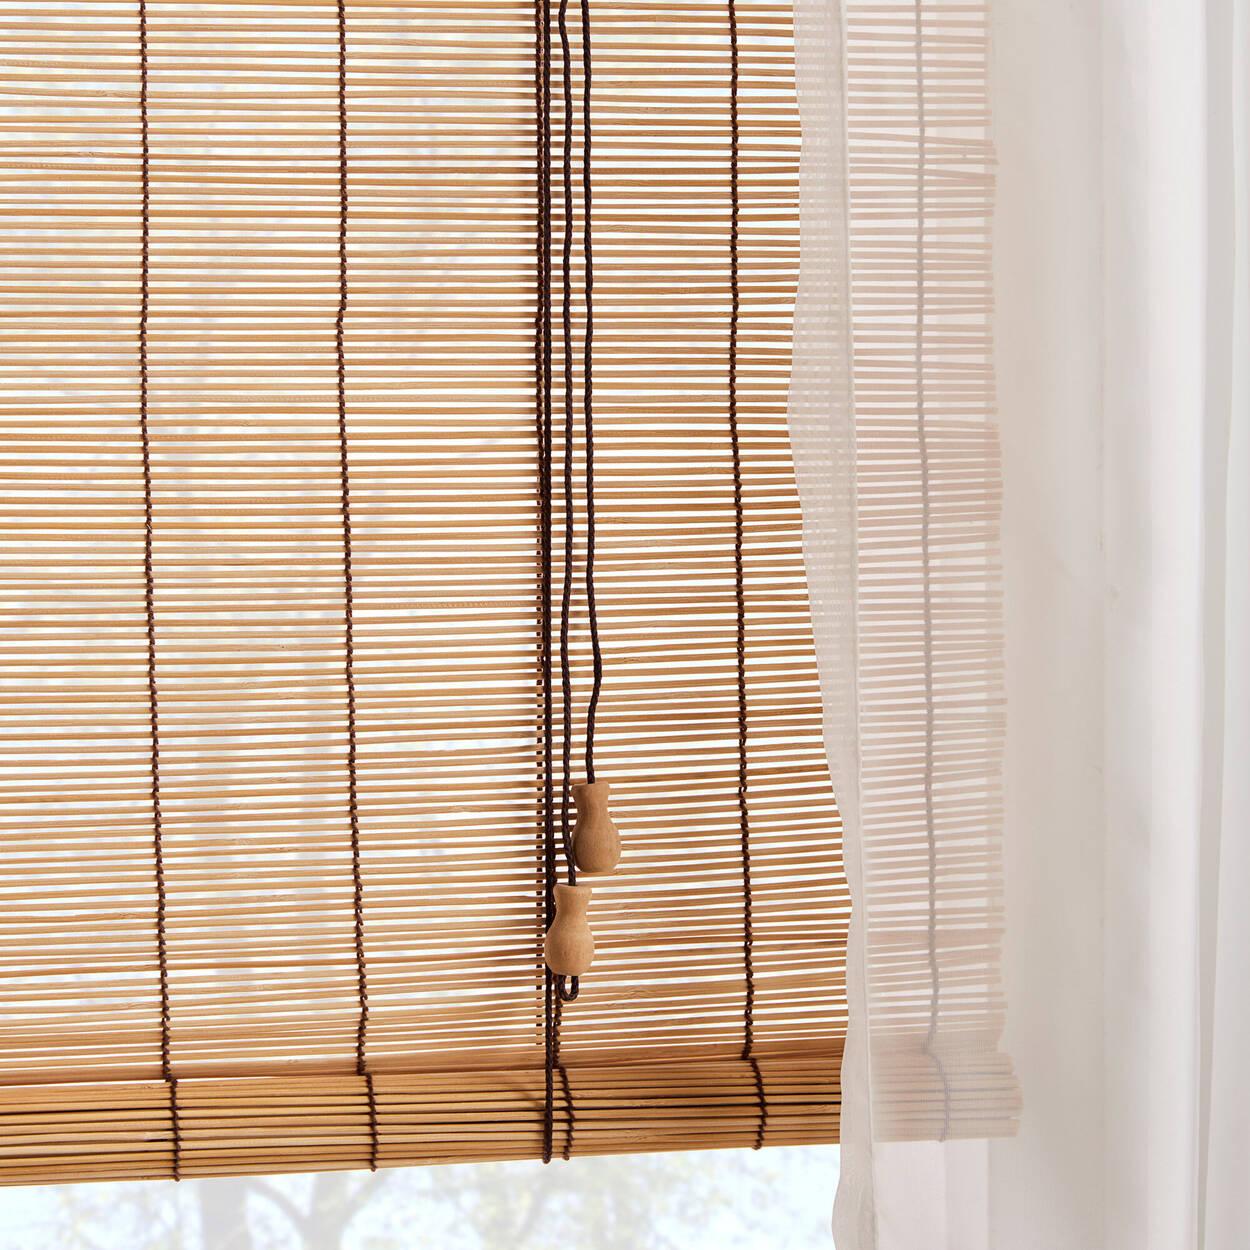 Store à rouler en bambou